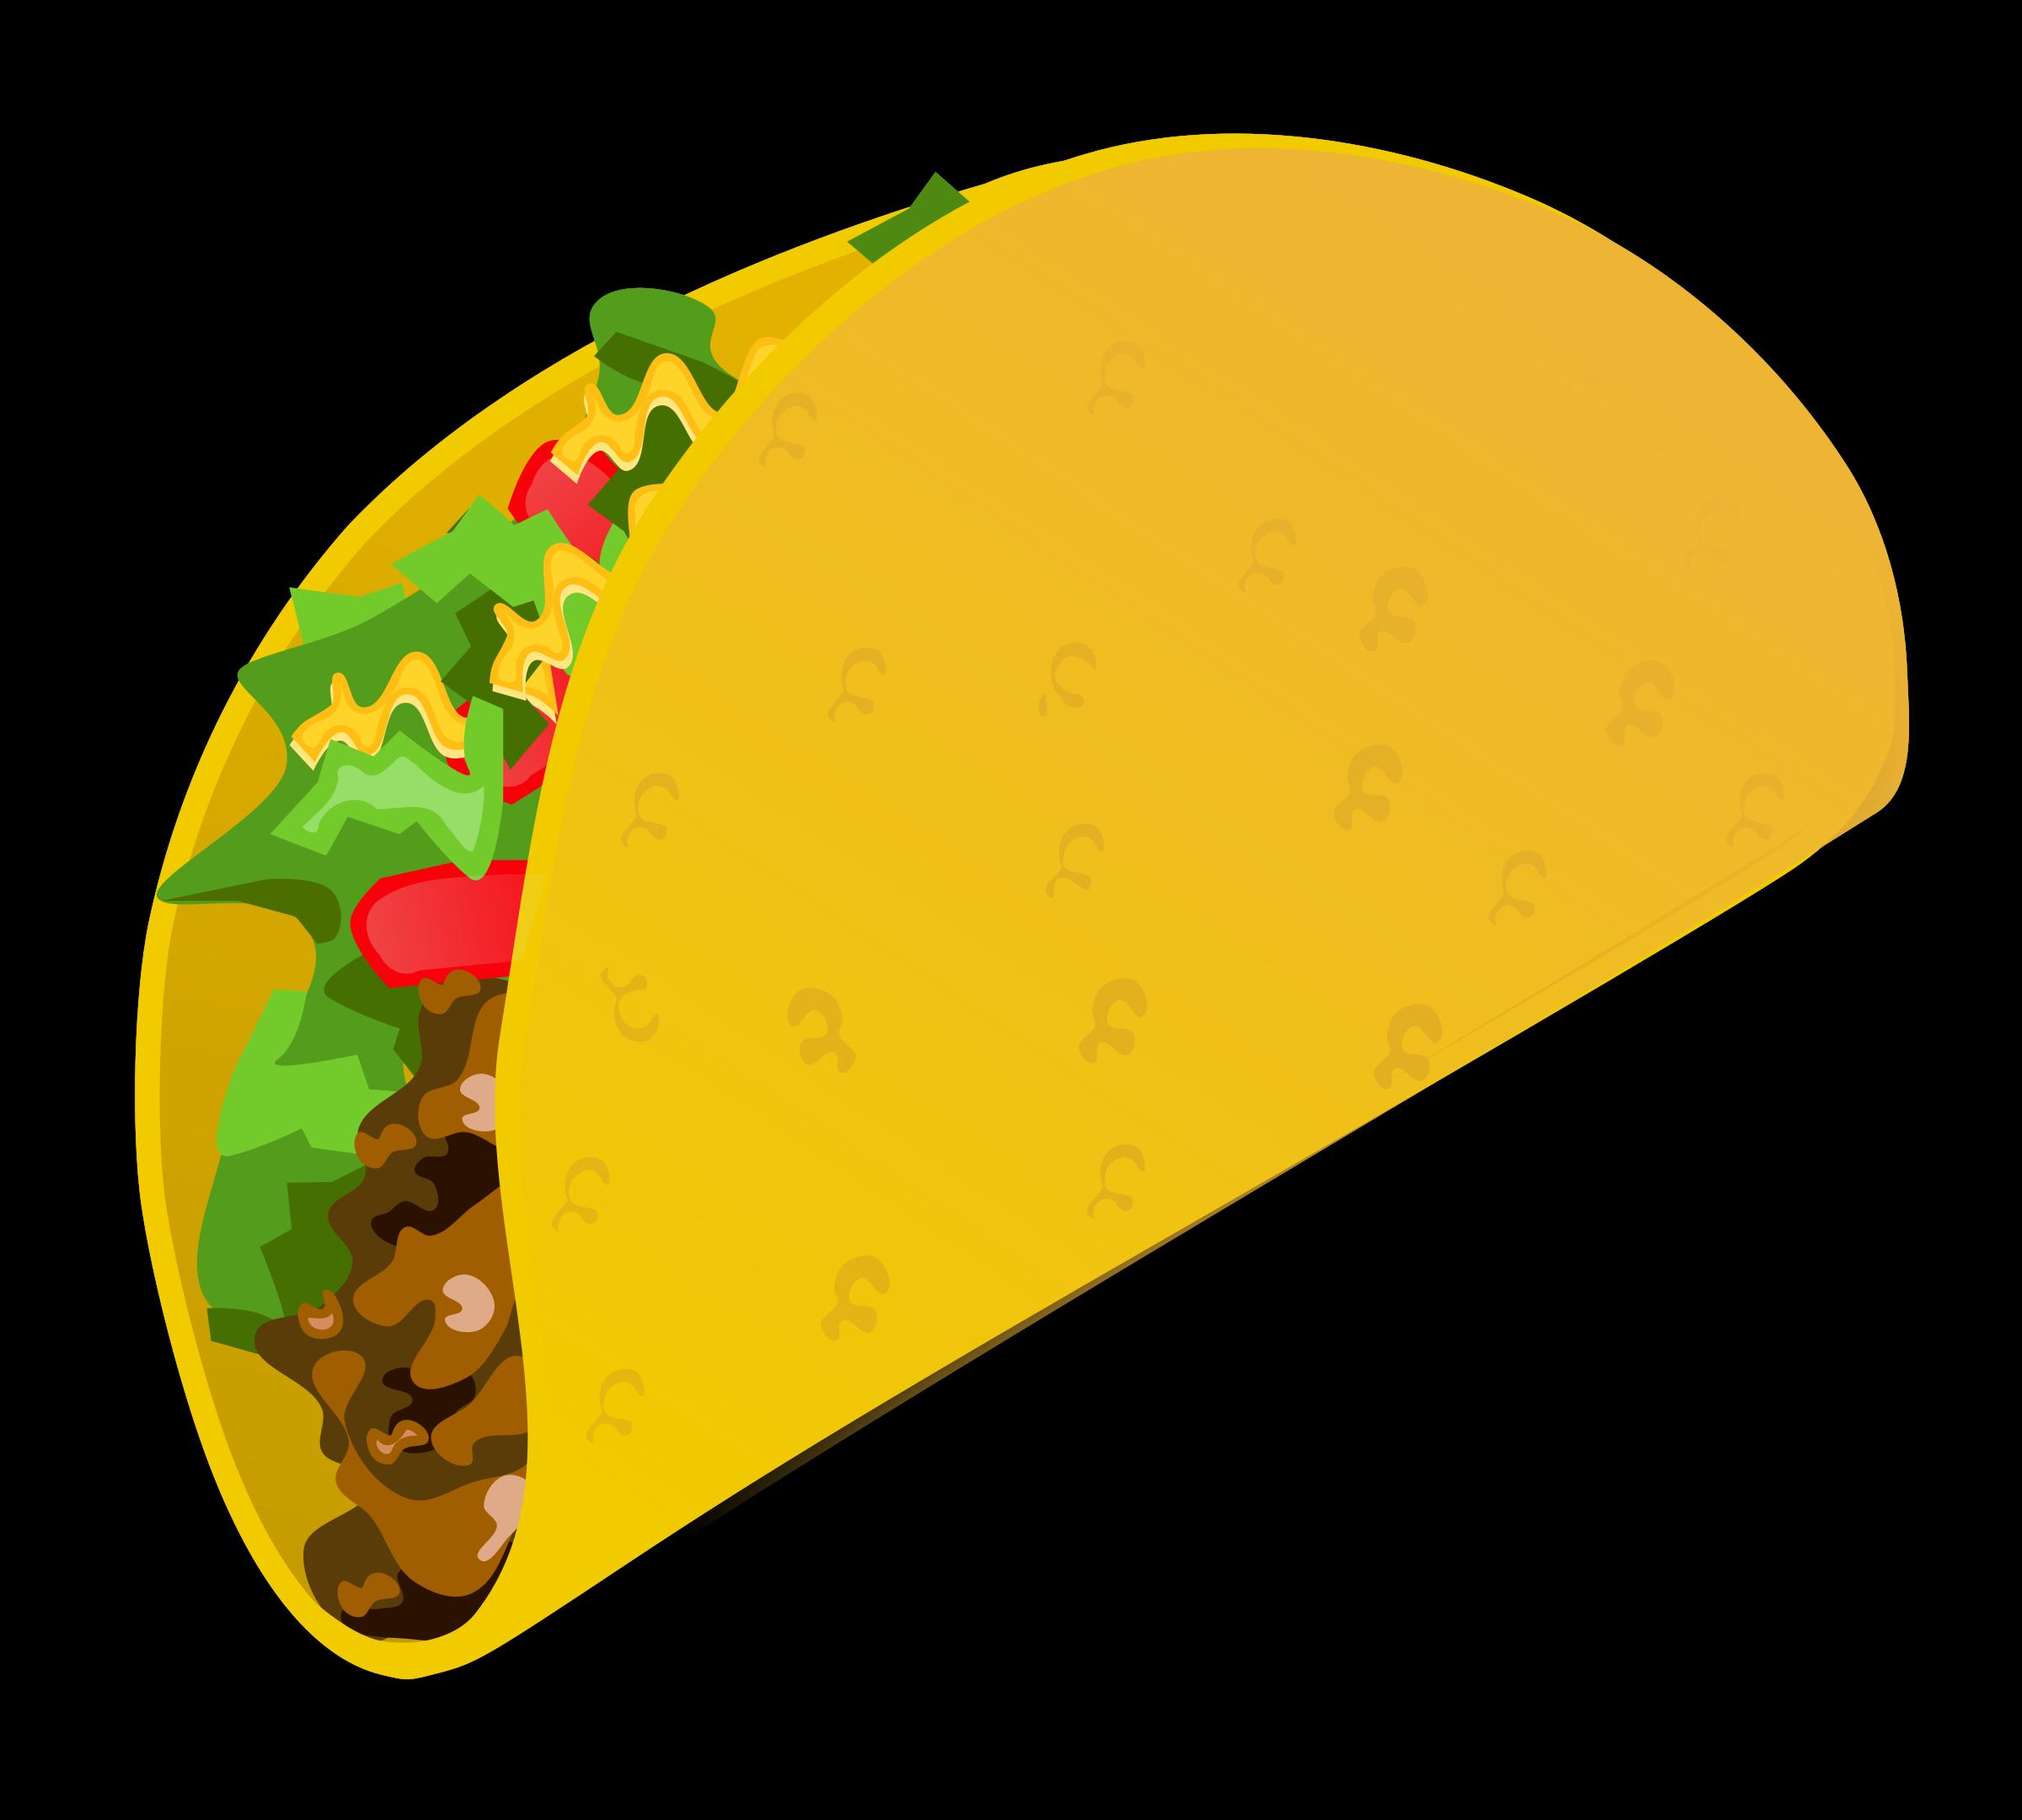 Fish taco clipart svg Taco Clipart (47+) svg